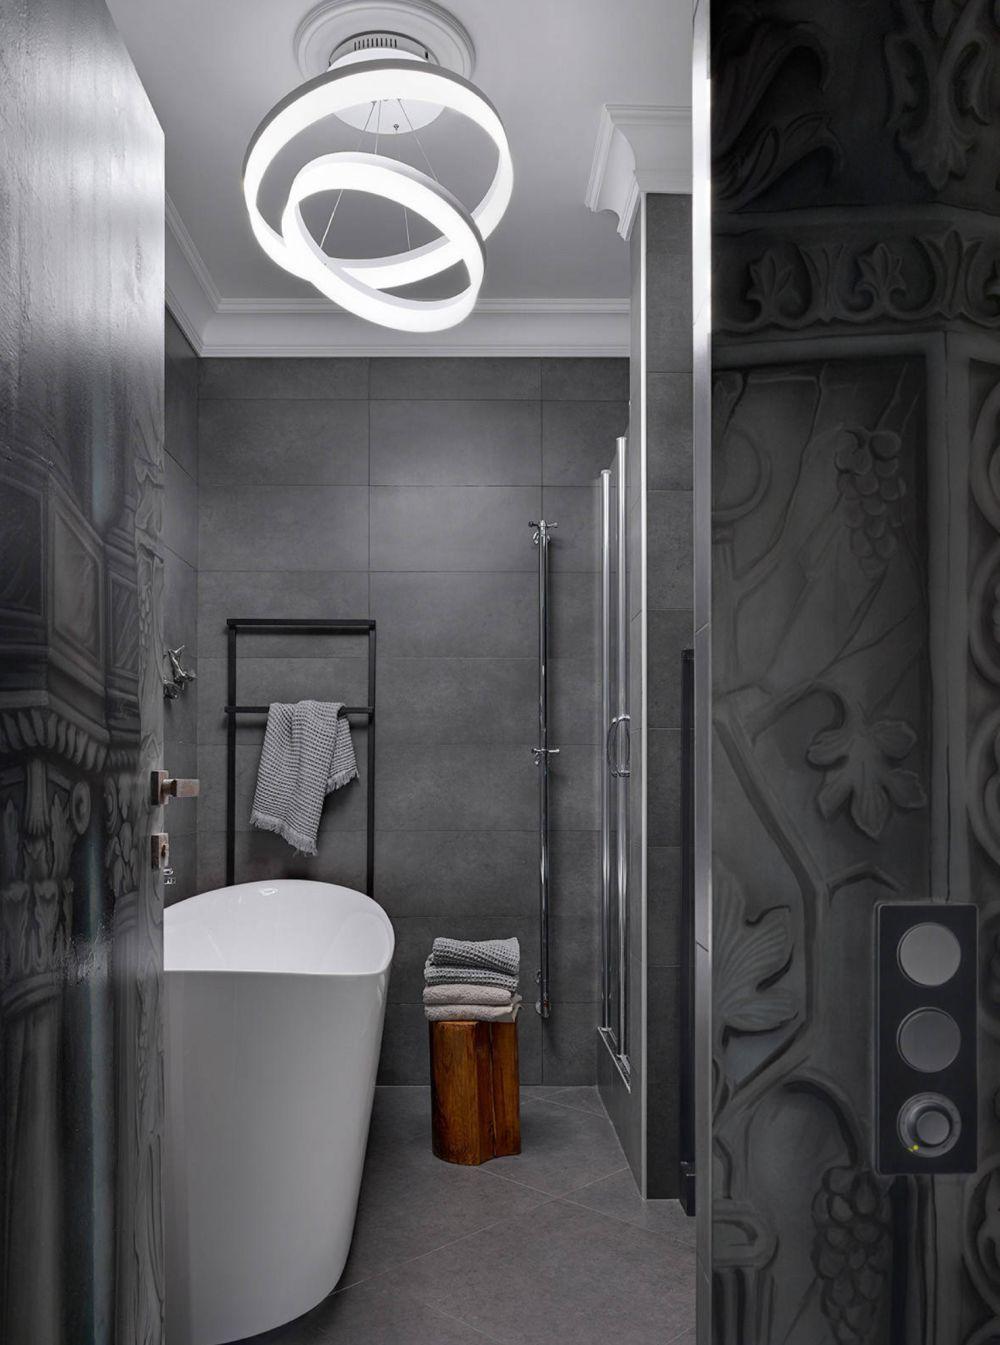 adelaparvu.com despre apartament 2 camere 57 mp, Moscova, design In-Deco, Foto Sergey Ananiev (3)